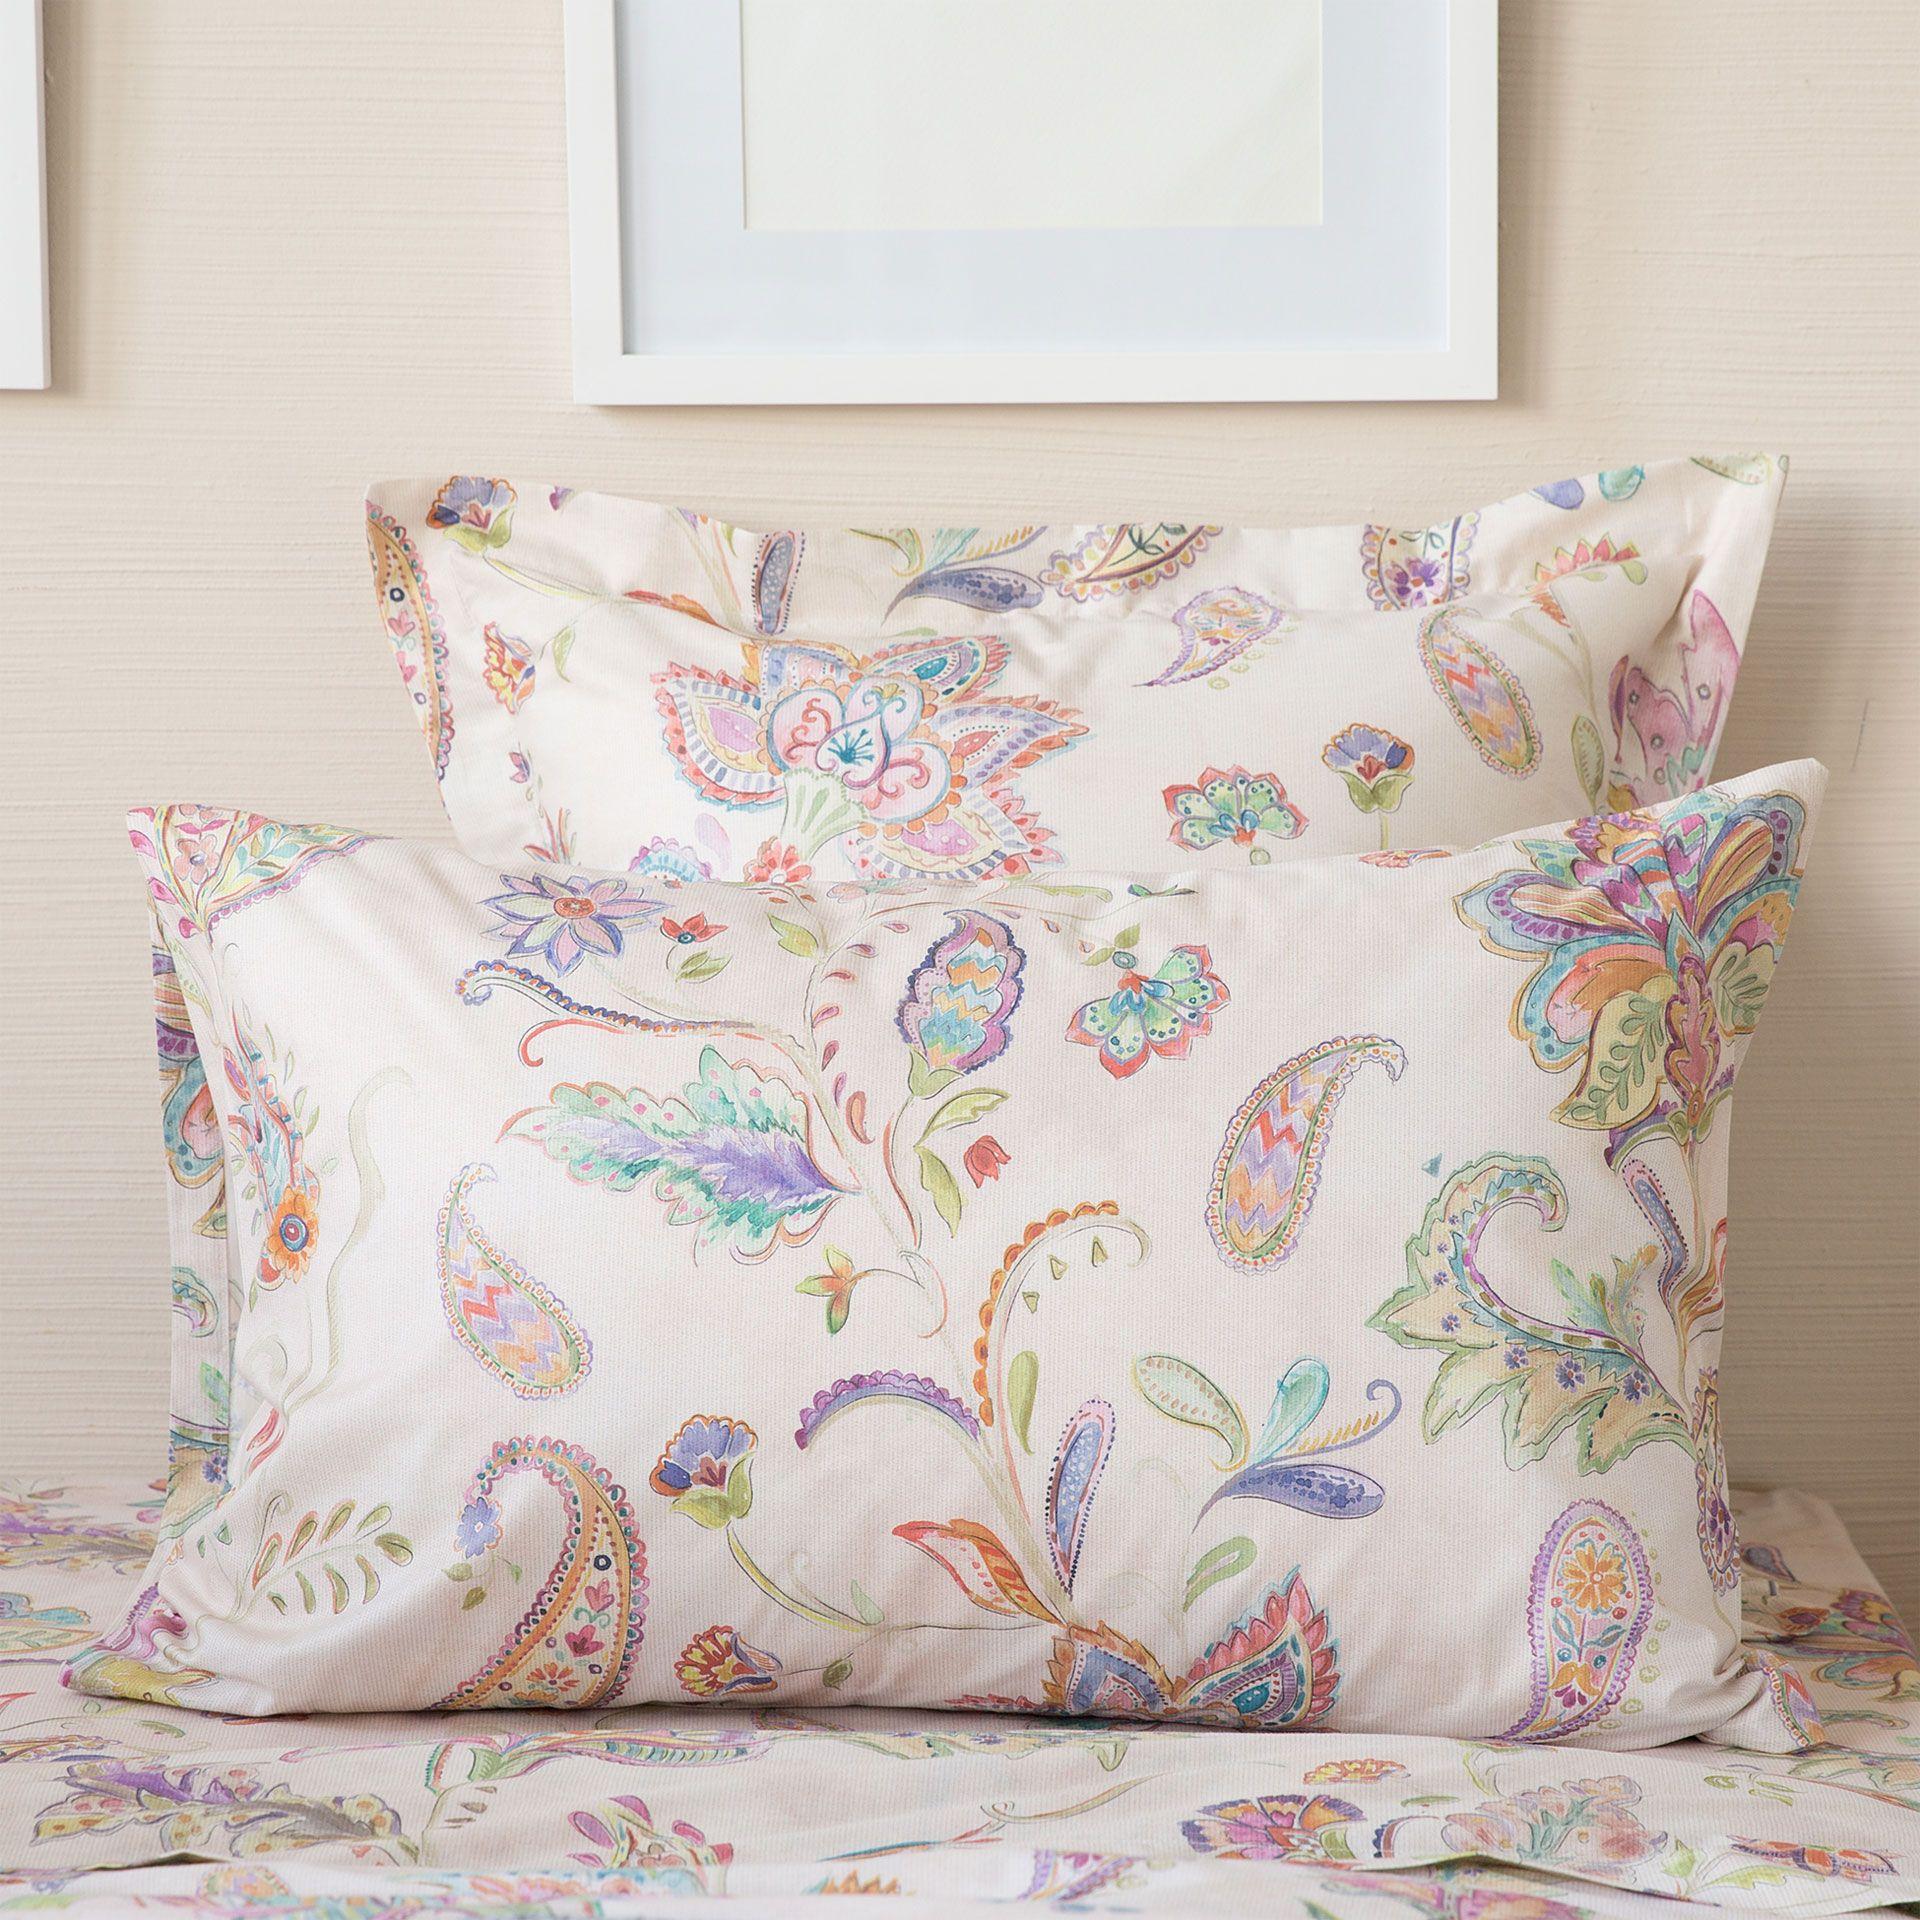 linge de lit imprim fleurs rose linge de lit lit. Black Bedroom Furniture Sets. Home Design Ideas